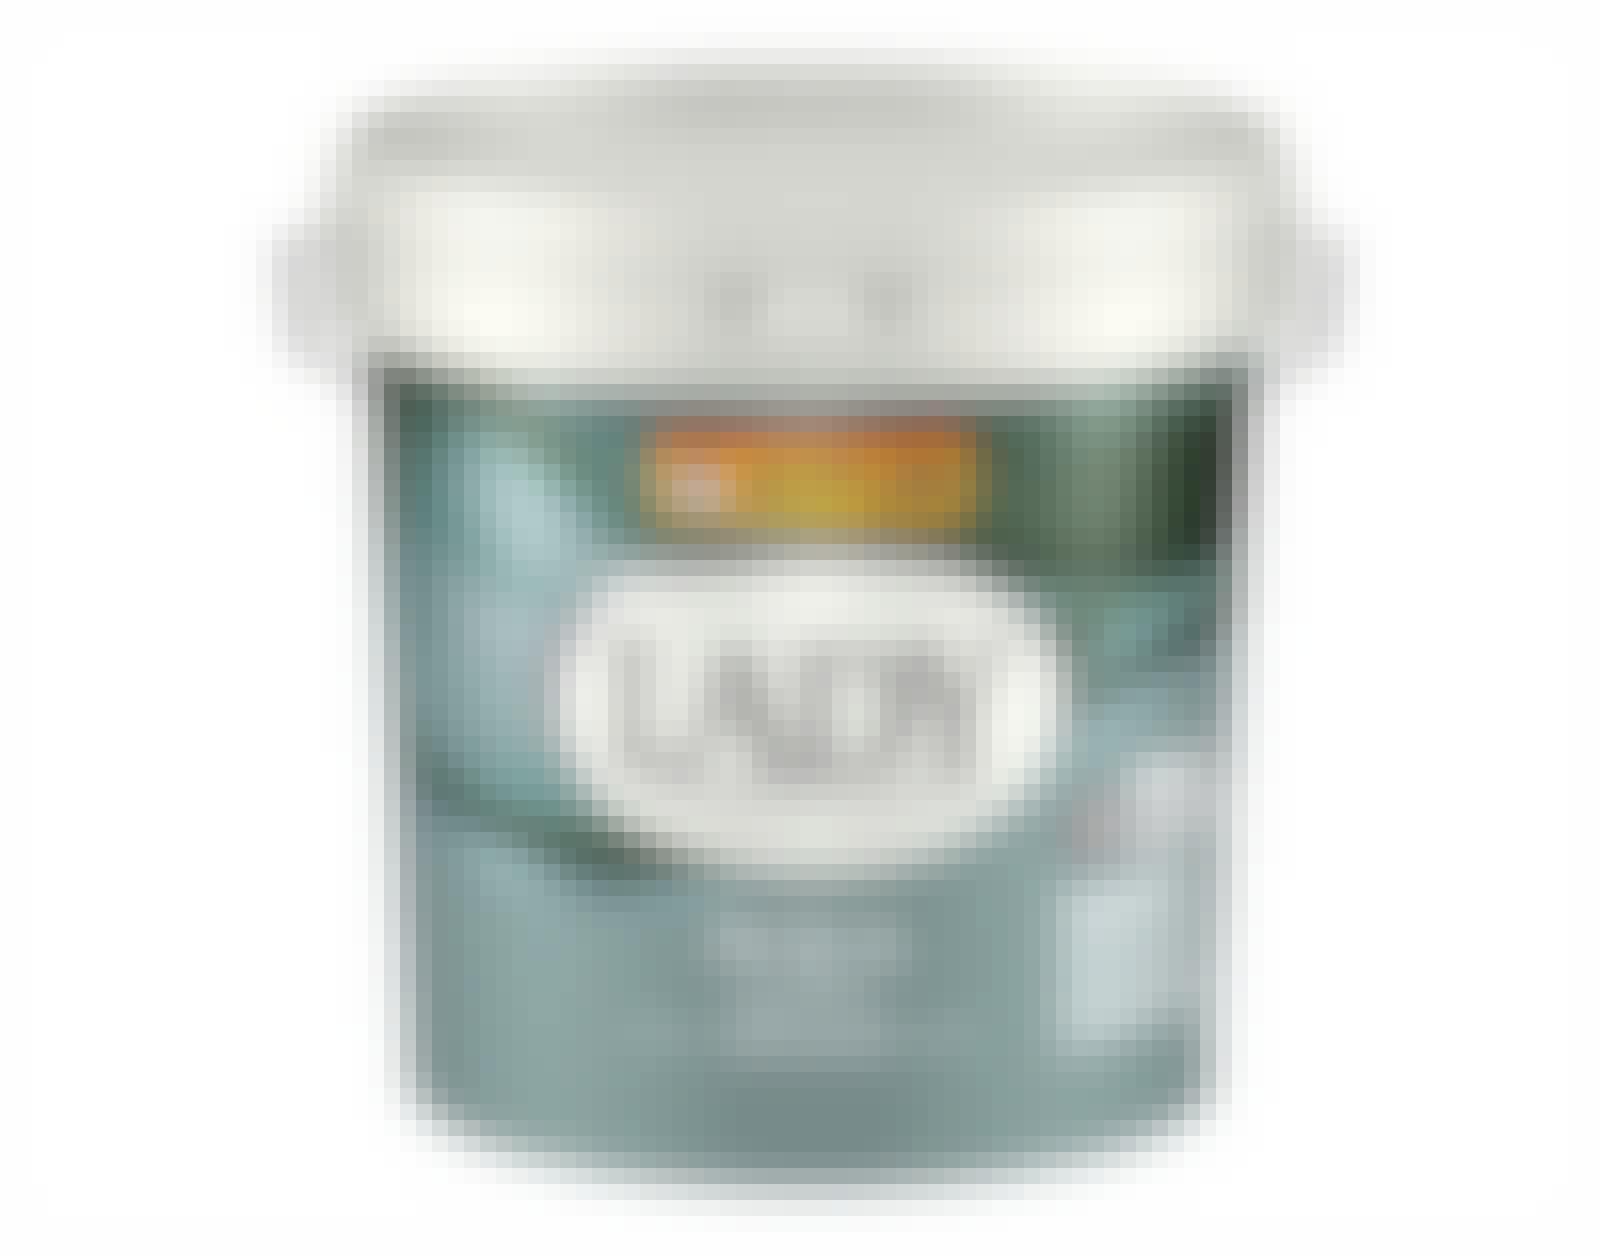 Kostean tilan maalien kiiltoaste vaihtelee. Tämän Jotunin maalin kiiltoaste on 10.